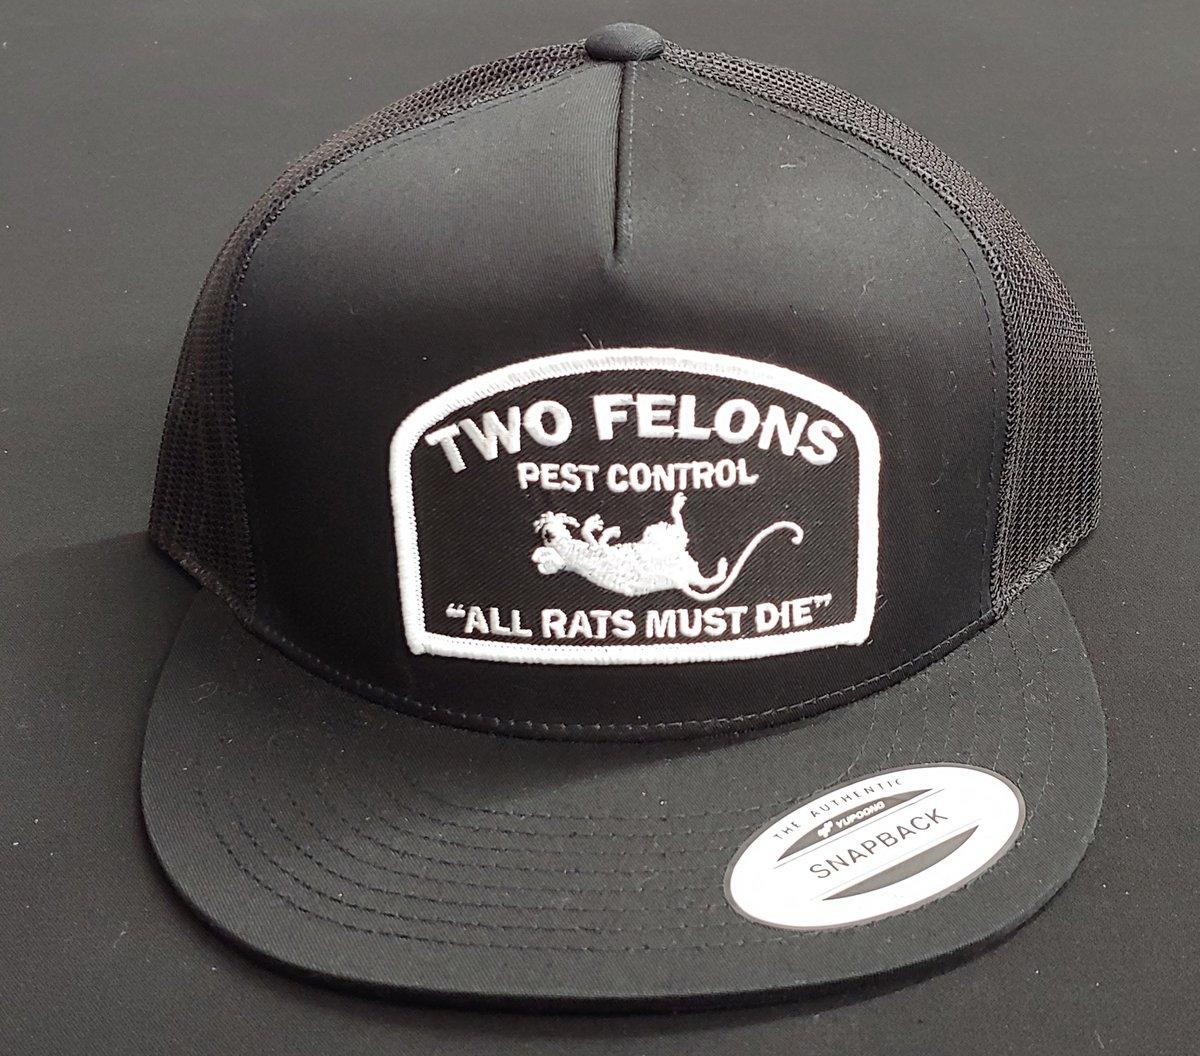 """Two Felons """"Pest Control"""" V1 (black)"""